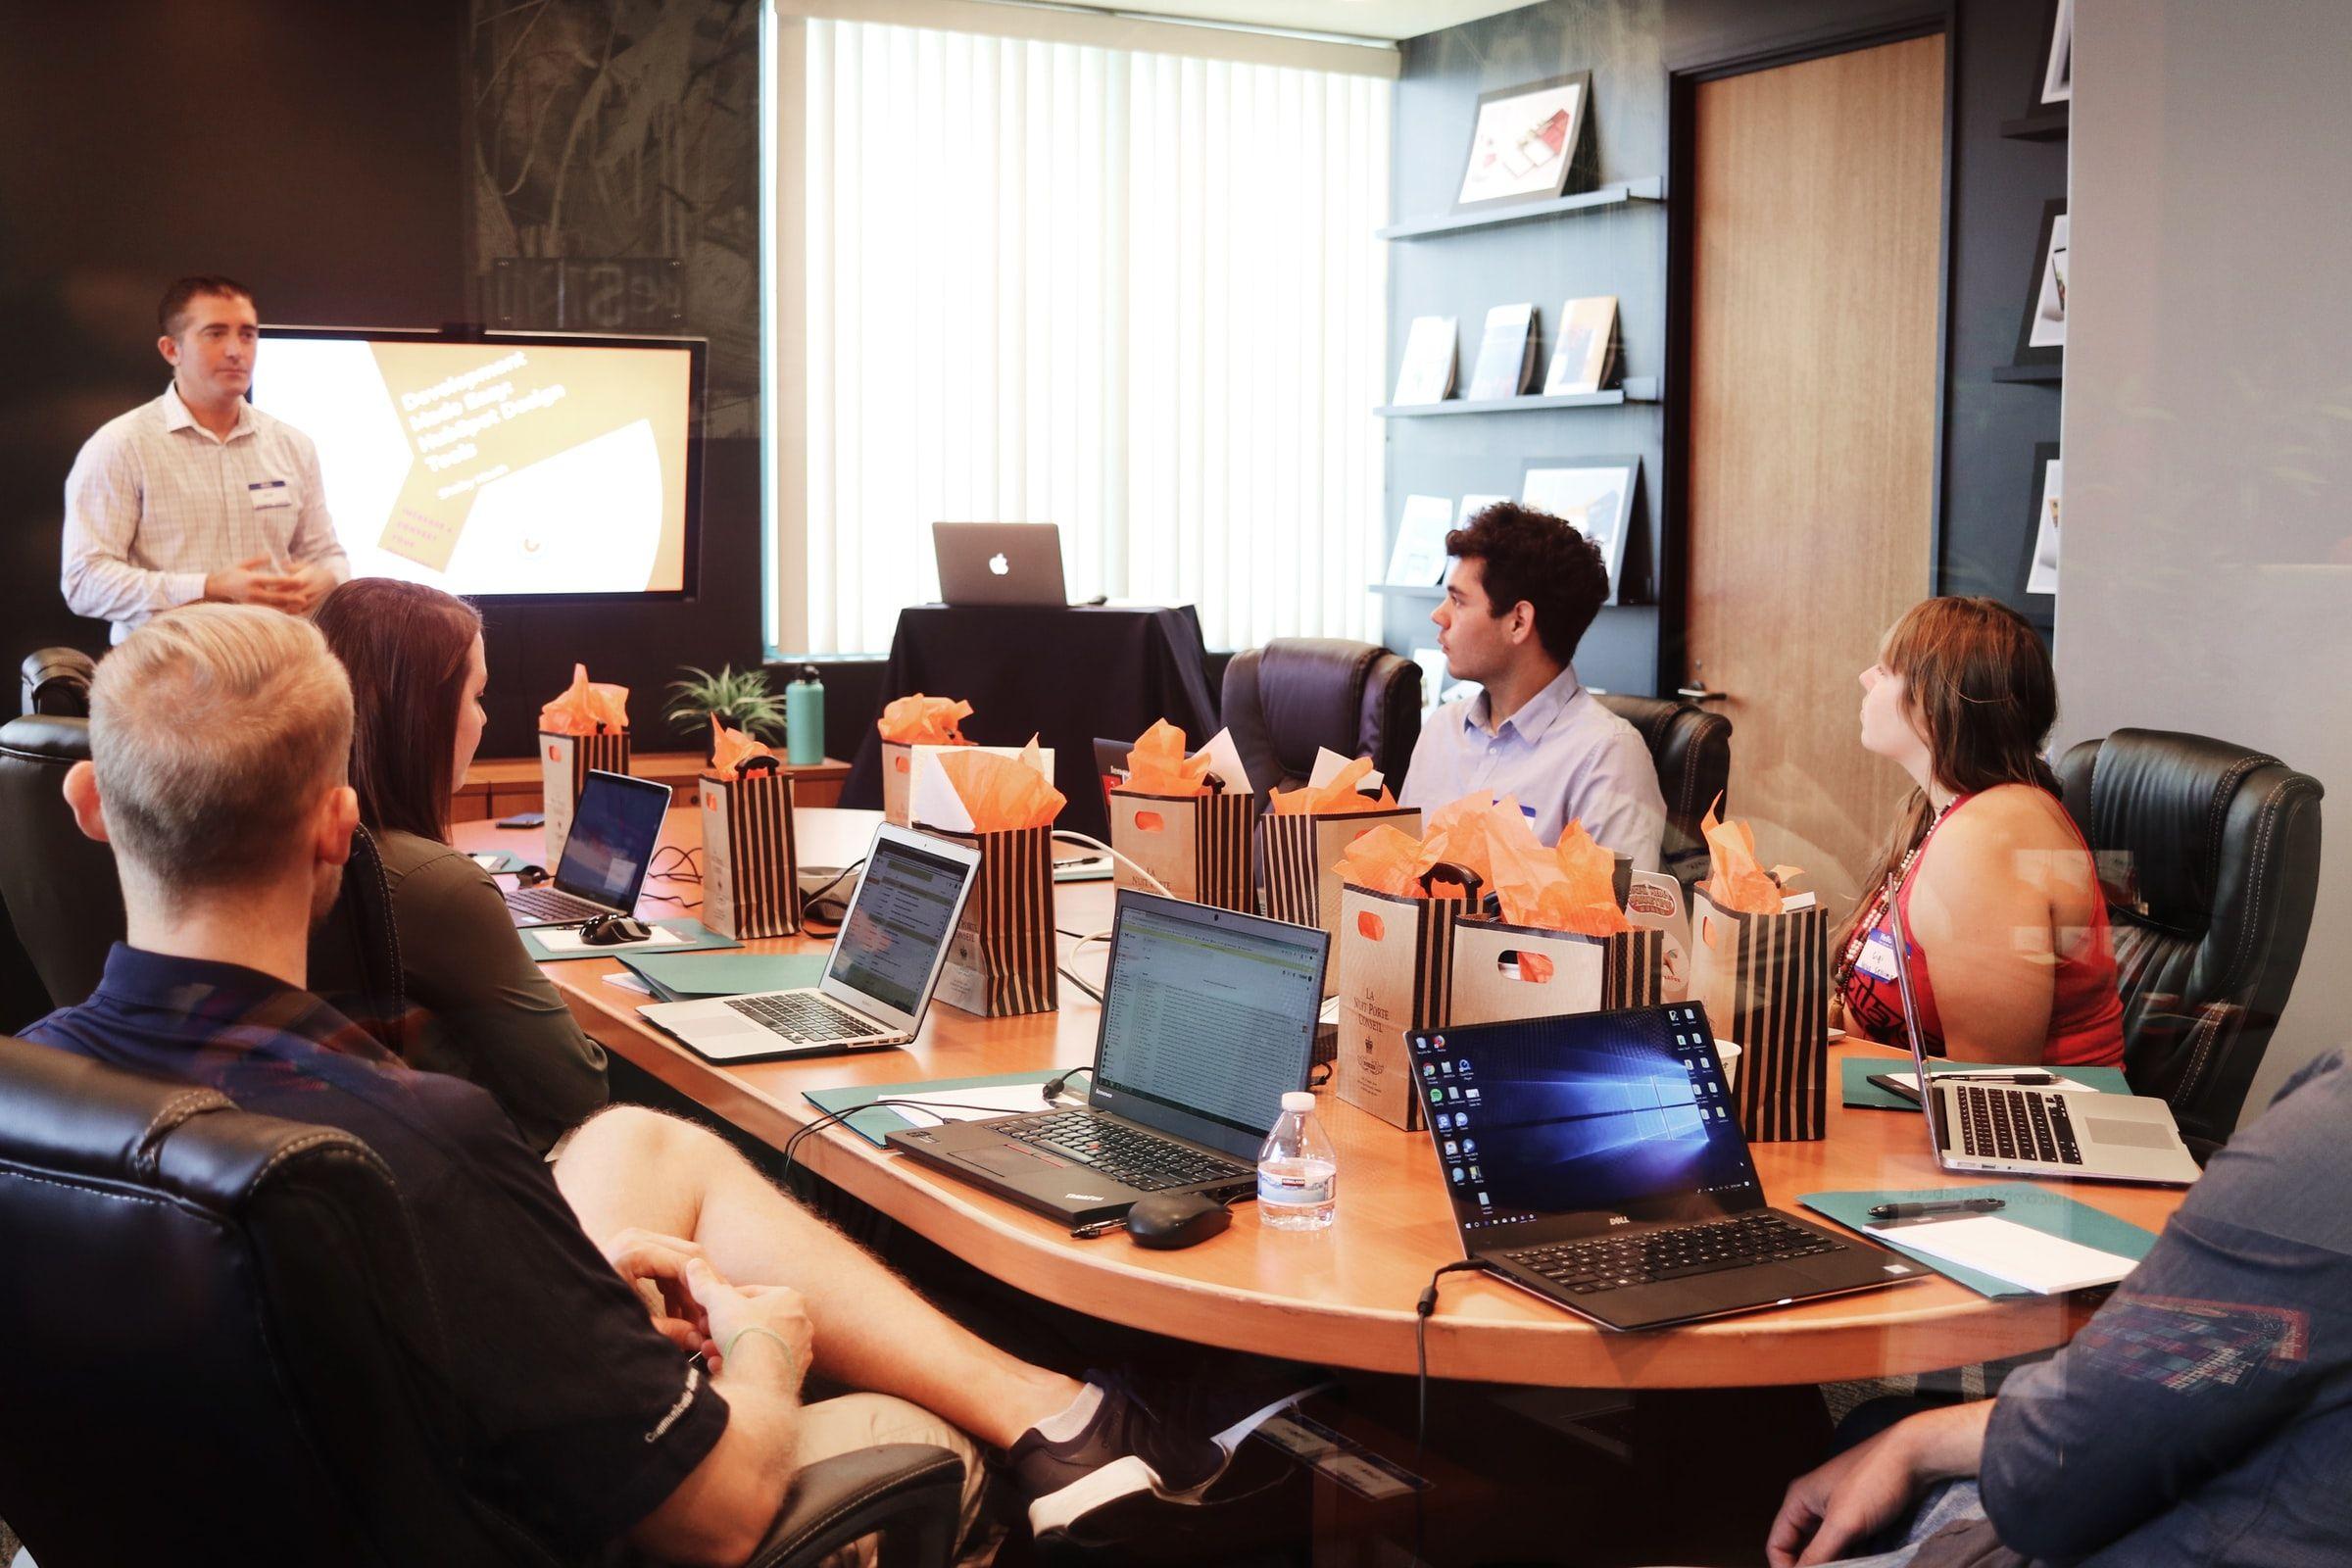 10 Cursos Gratuitos Con Mas Demanda Laboral Digital Marketing Marketing Strategy Digital Marketing Agency